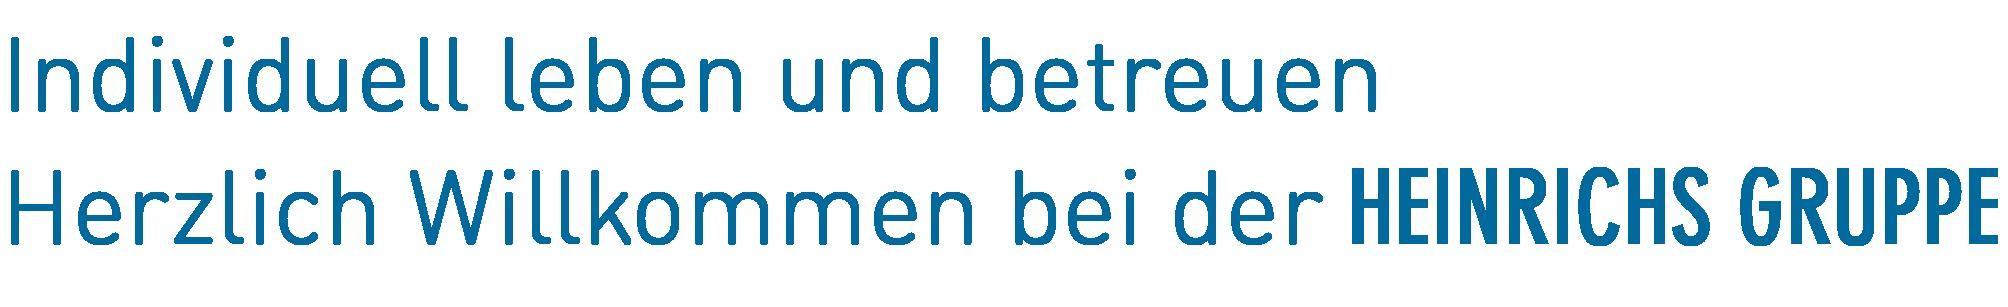 Heinrichs-Gruppe